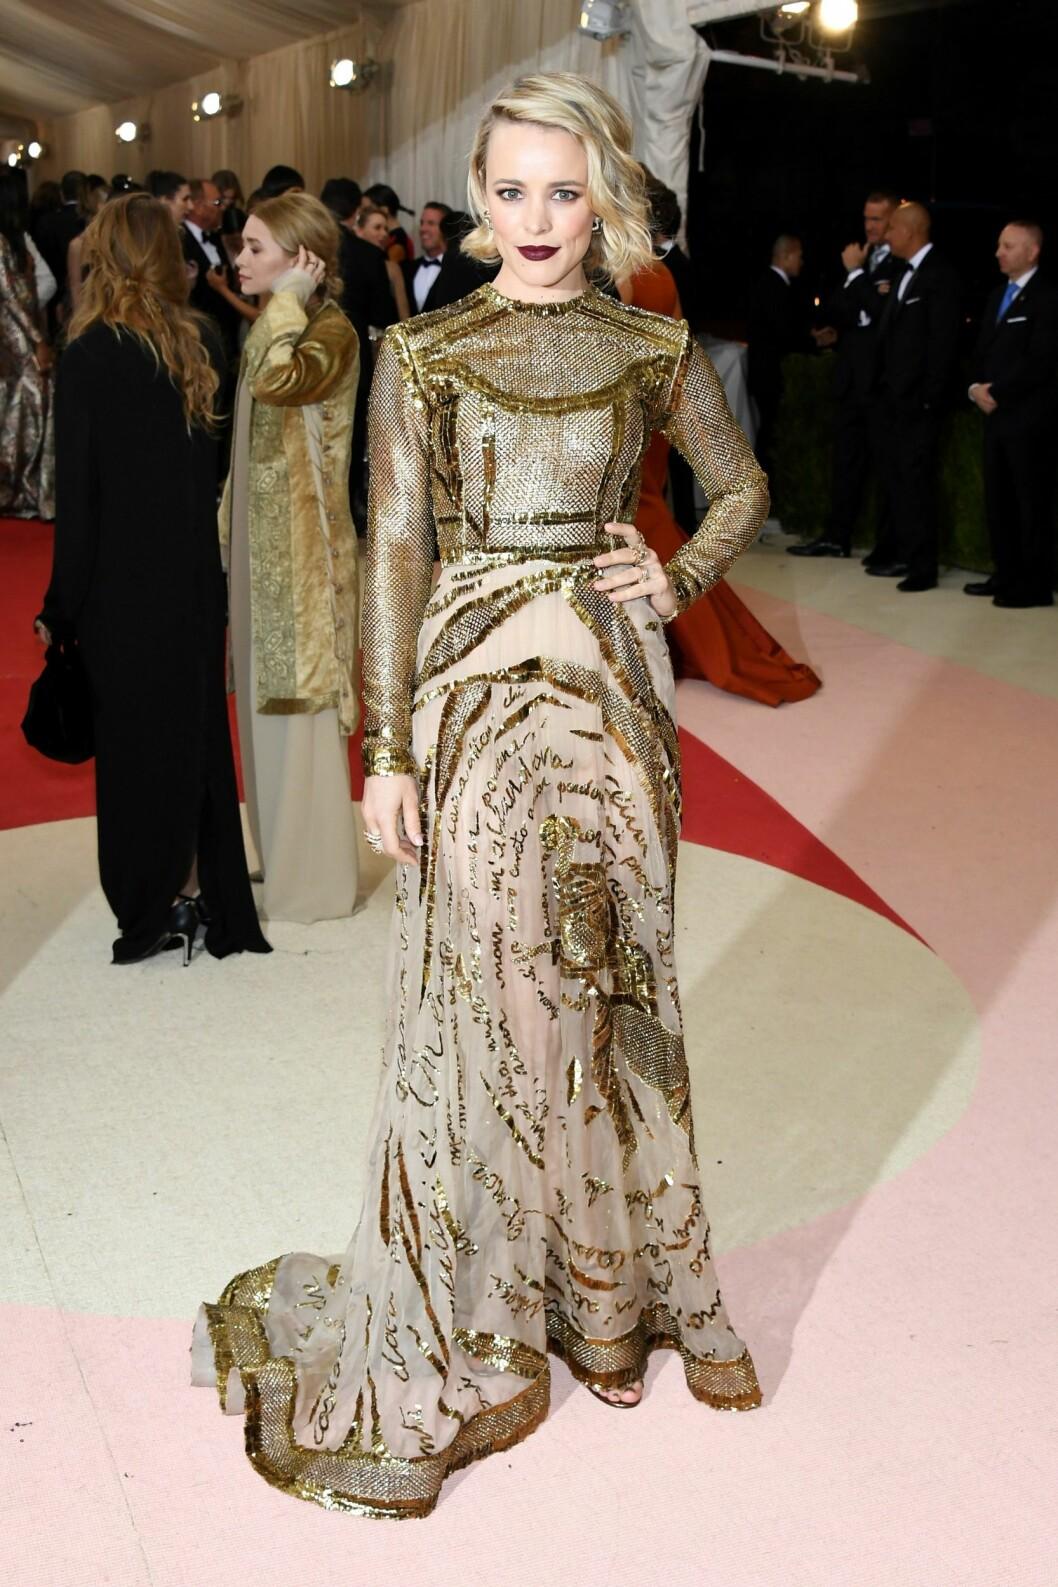 I GULL: Skuespiller Rachel McAdams var iført en Valentino-kjole brodert med strofer fra Dantes «Den guddommelige komedie». Legg merke til den tøffe, mørke leppestiften. Foto: Afp